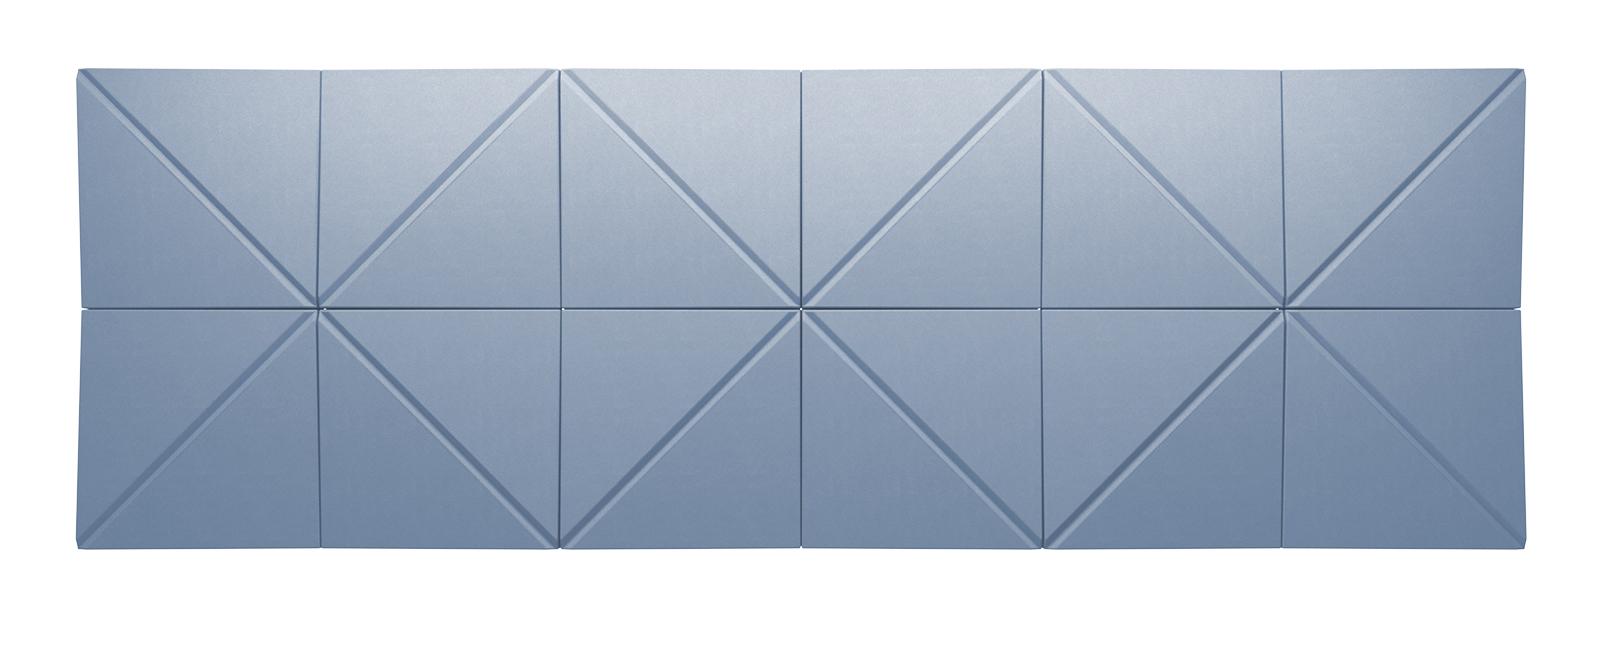 Autex Quietspace 3D Tiles S-5.53 | Porcelain